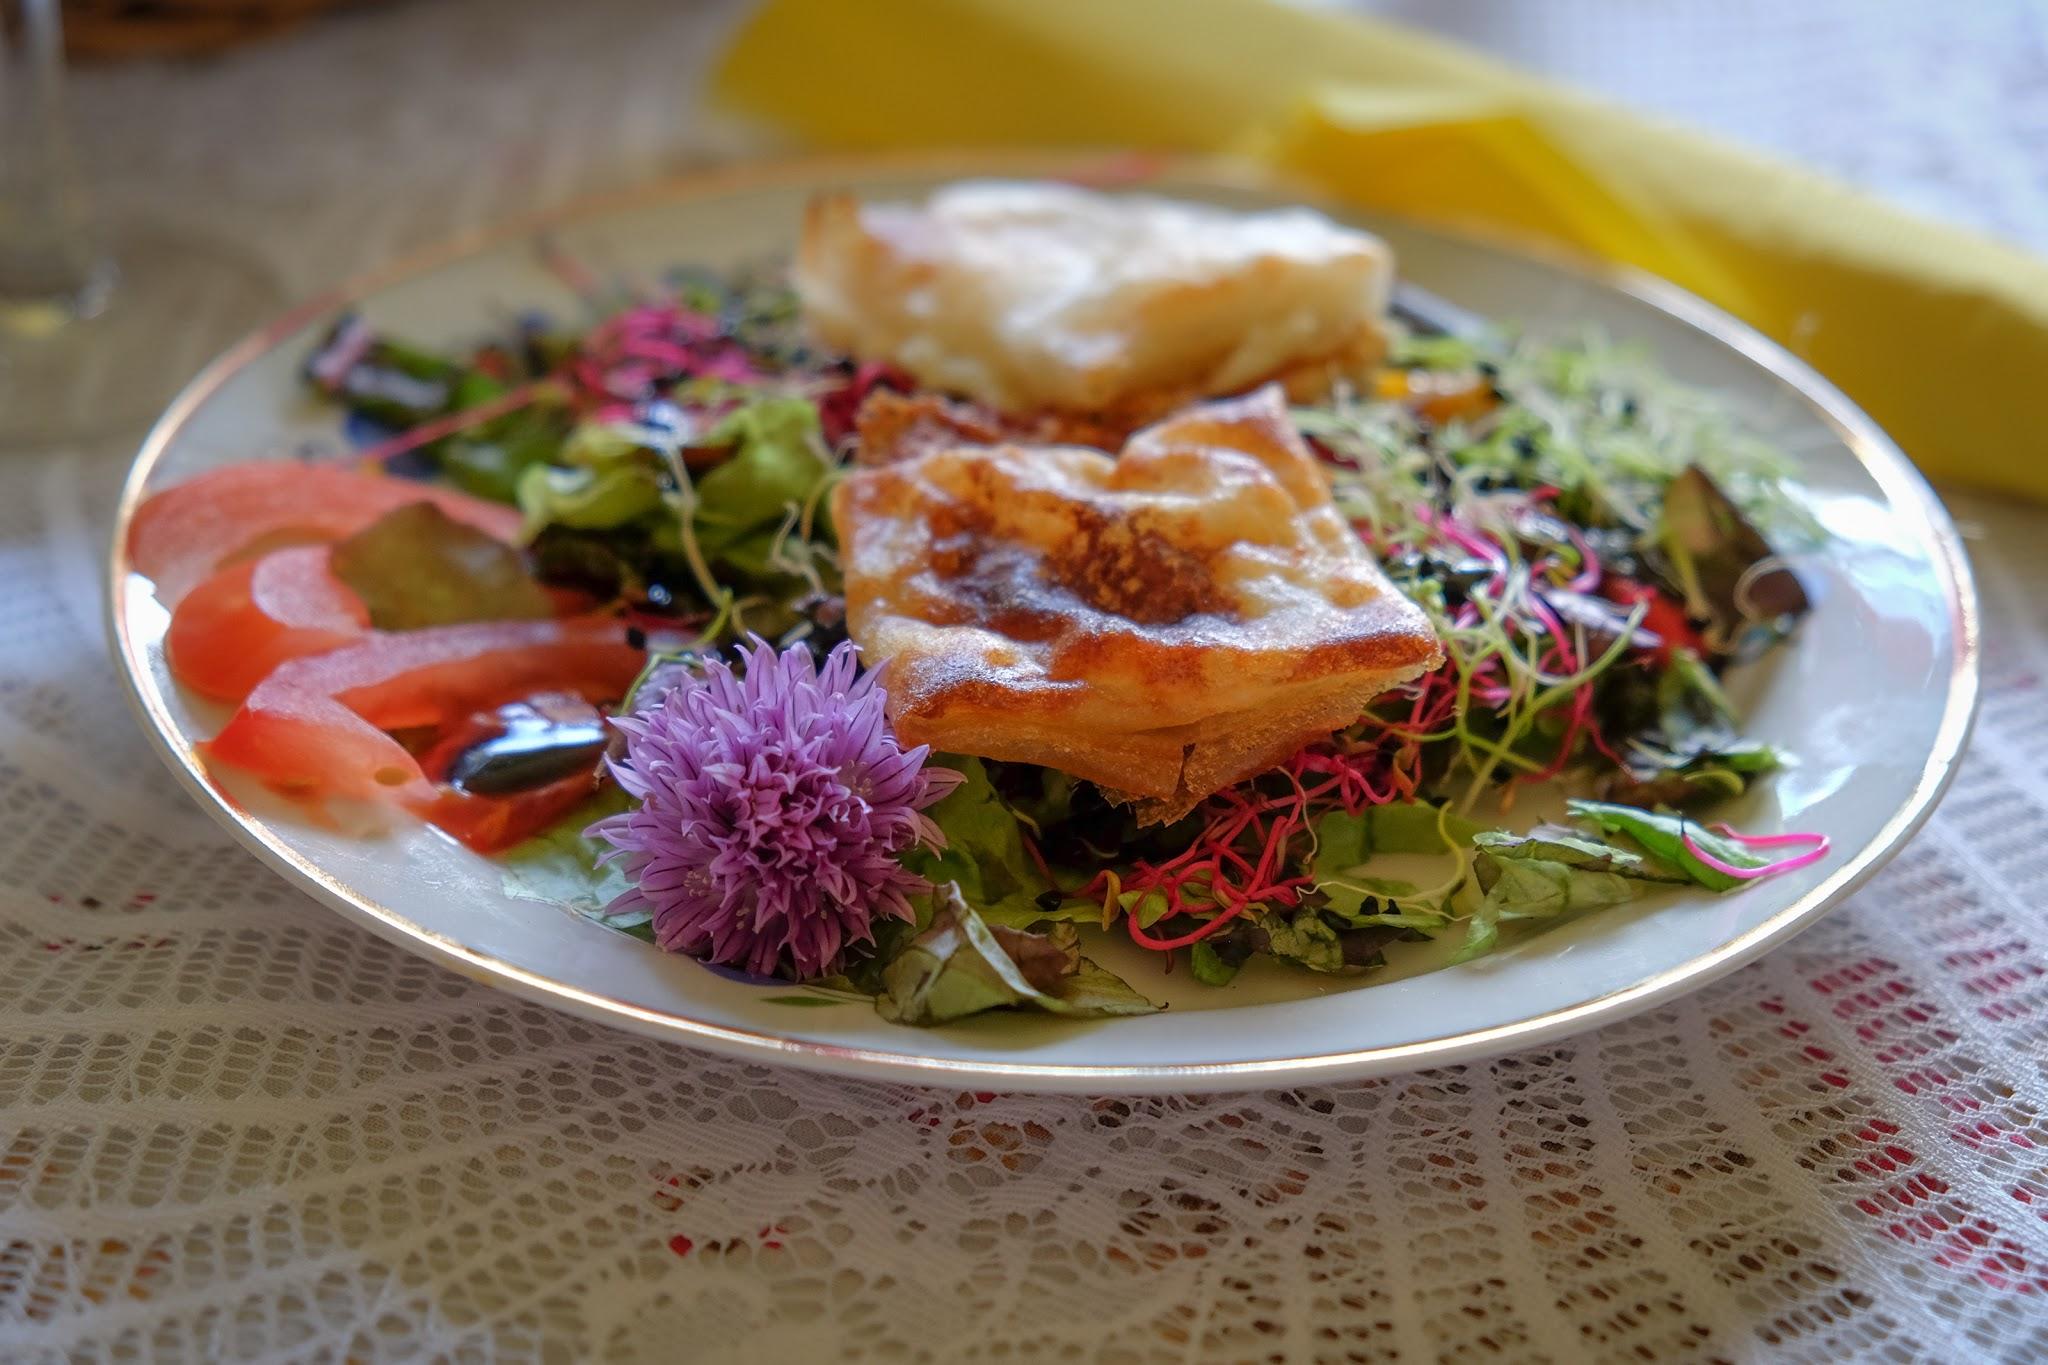 Traiteur évènement repas mariage produits frais locaux de saison agriculture biologique La Stroga Location de Chapiteaux, Traiteur, Bretagne